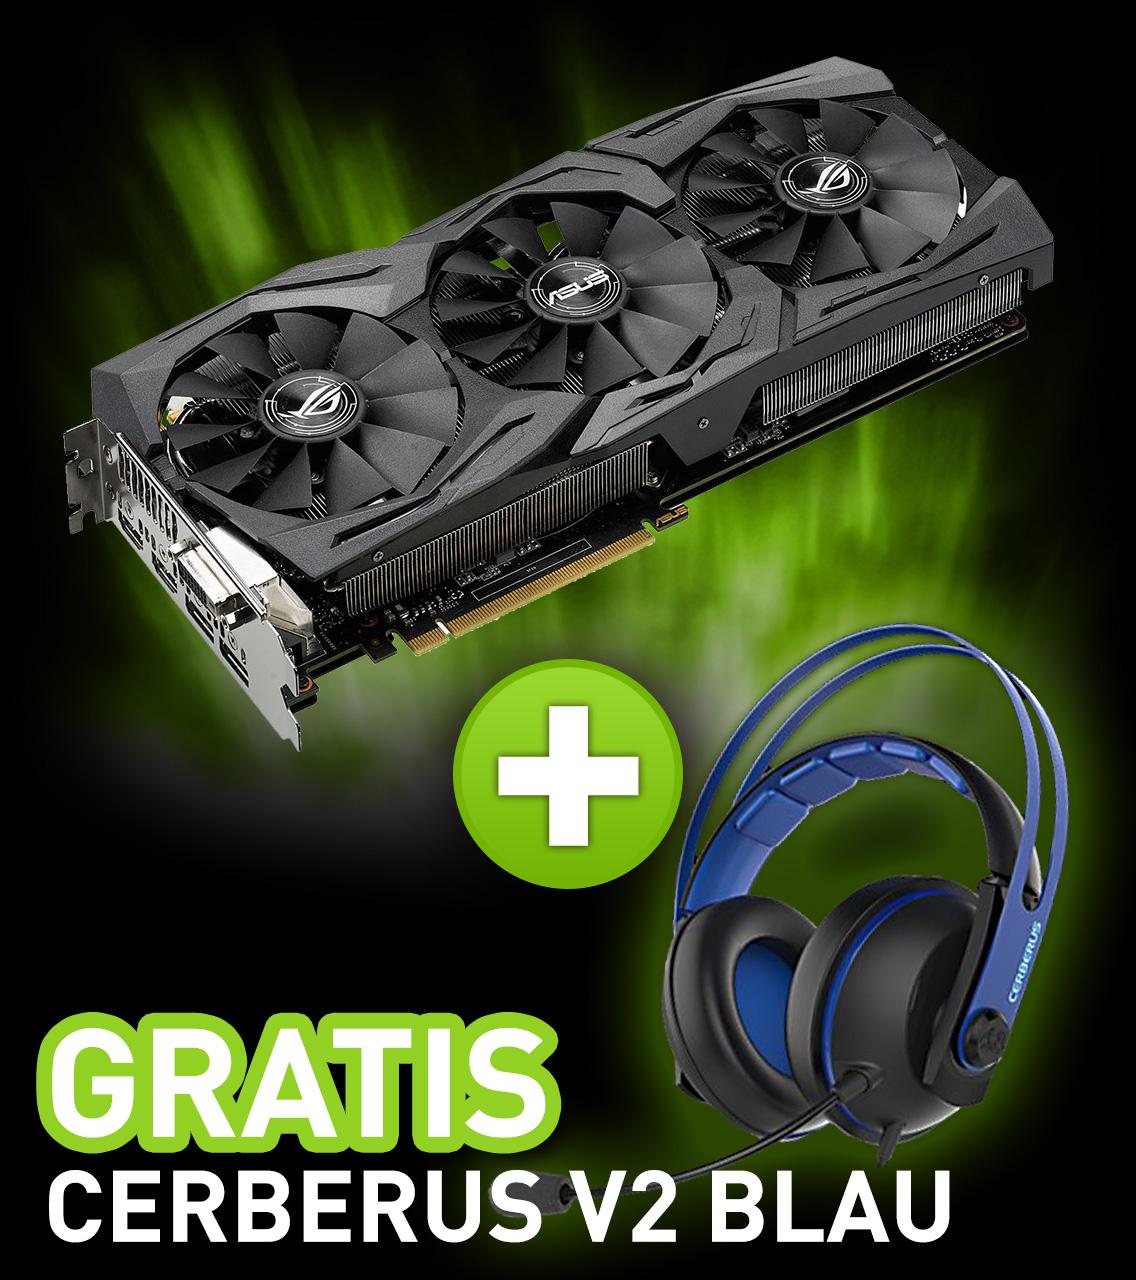 8GB Asus GeForce GTX 1080 Strix Gaming Aktiv PCIe 3.0 x16 (Retail)